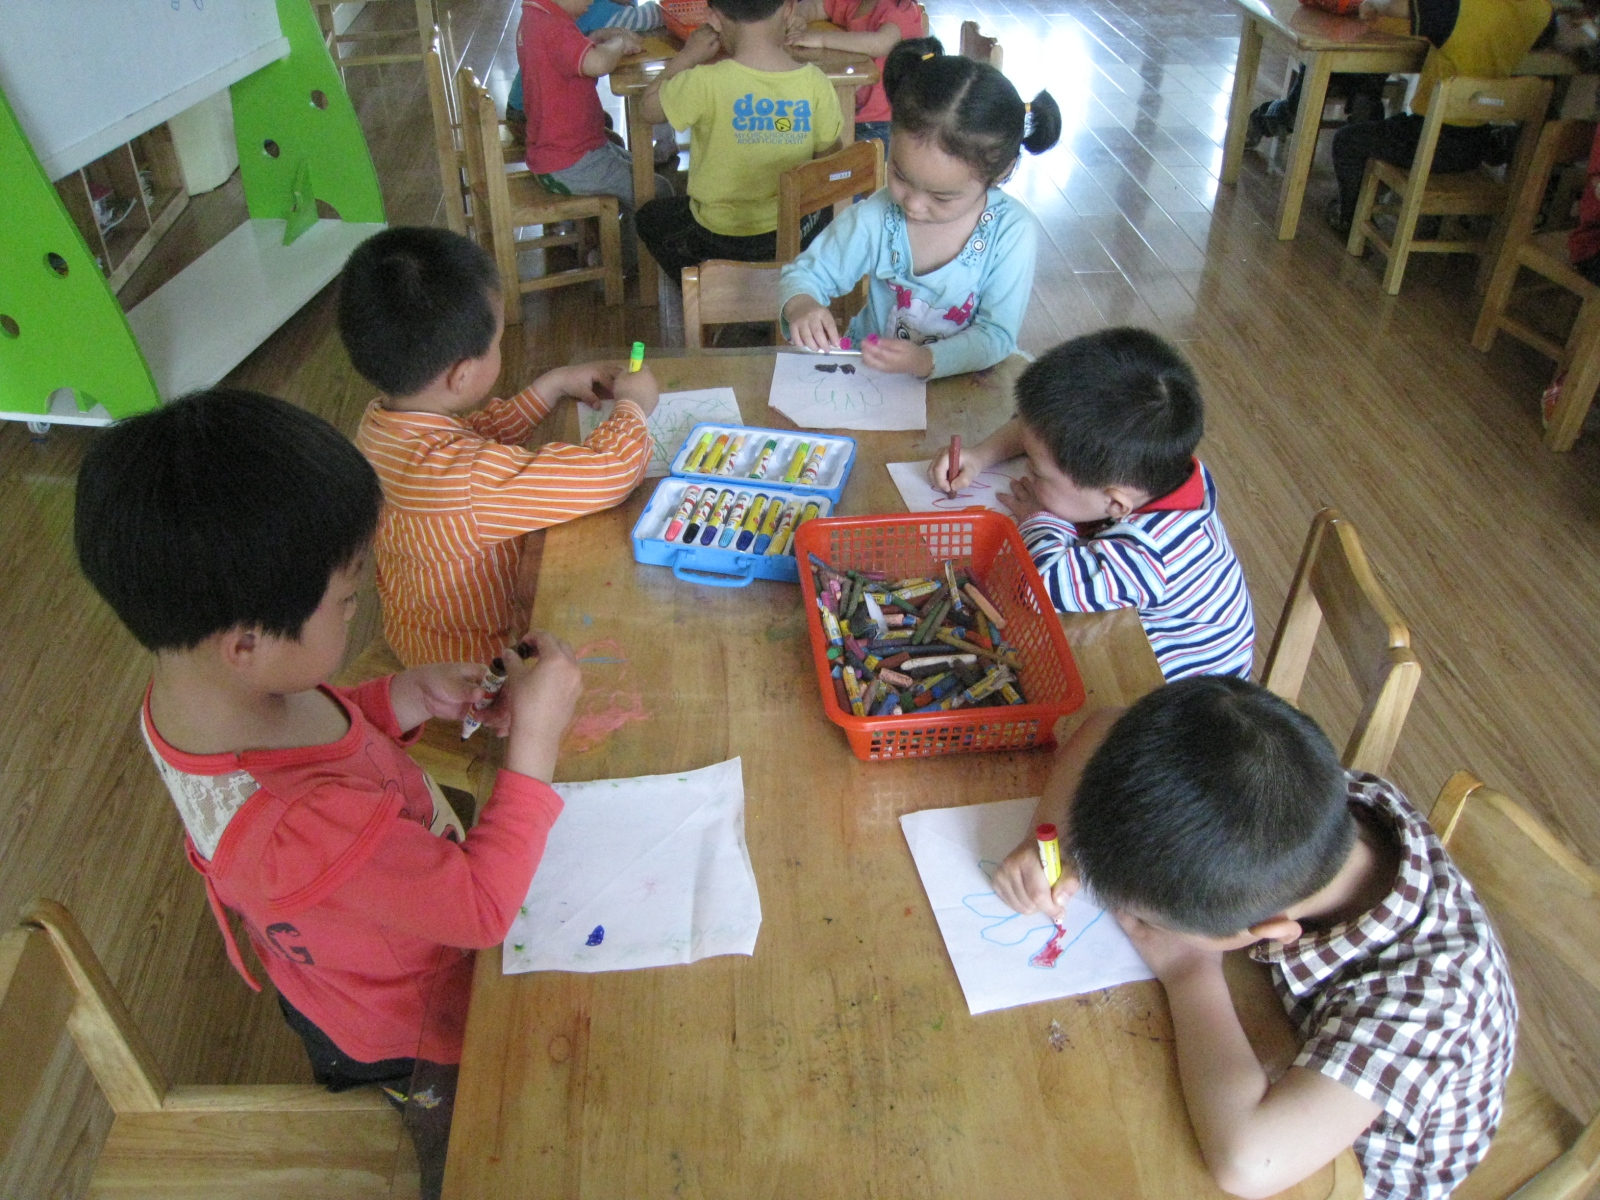 幼儿园的小朋友不会画画衣服图